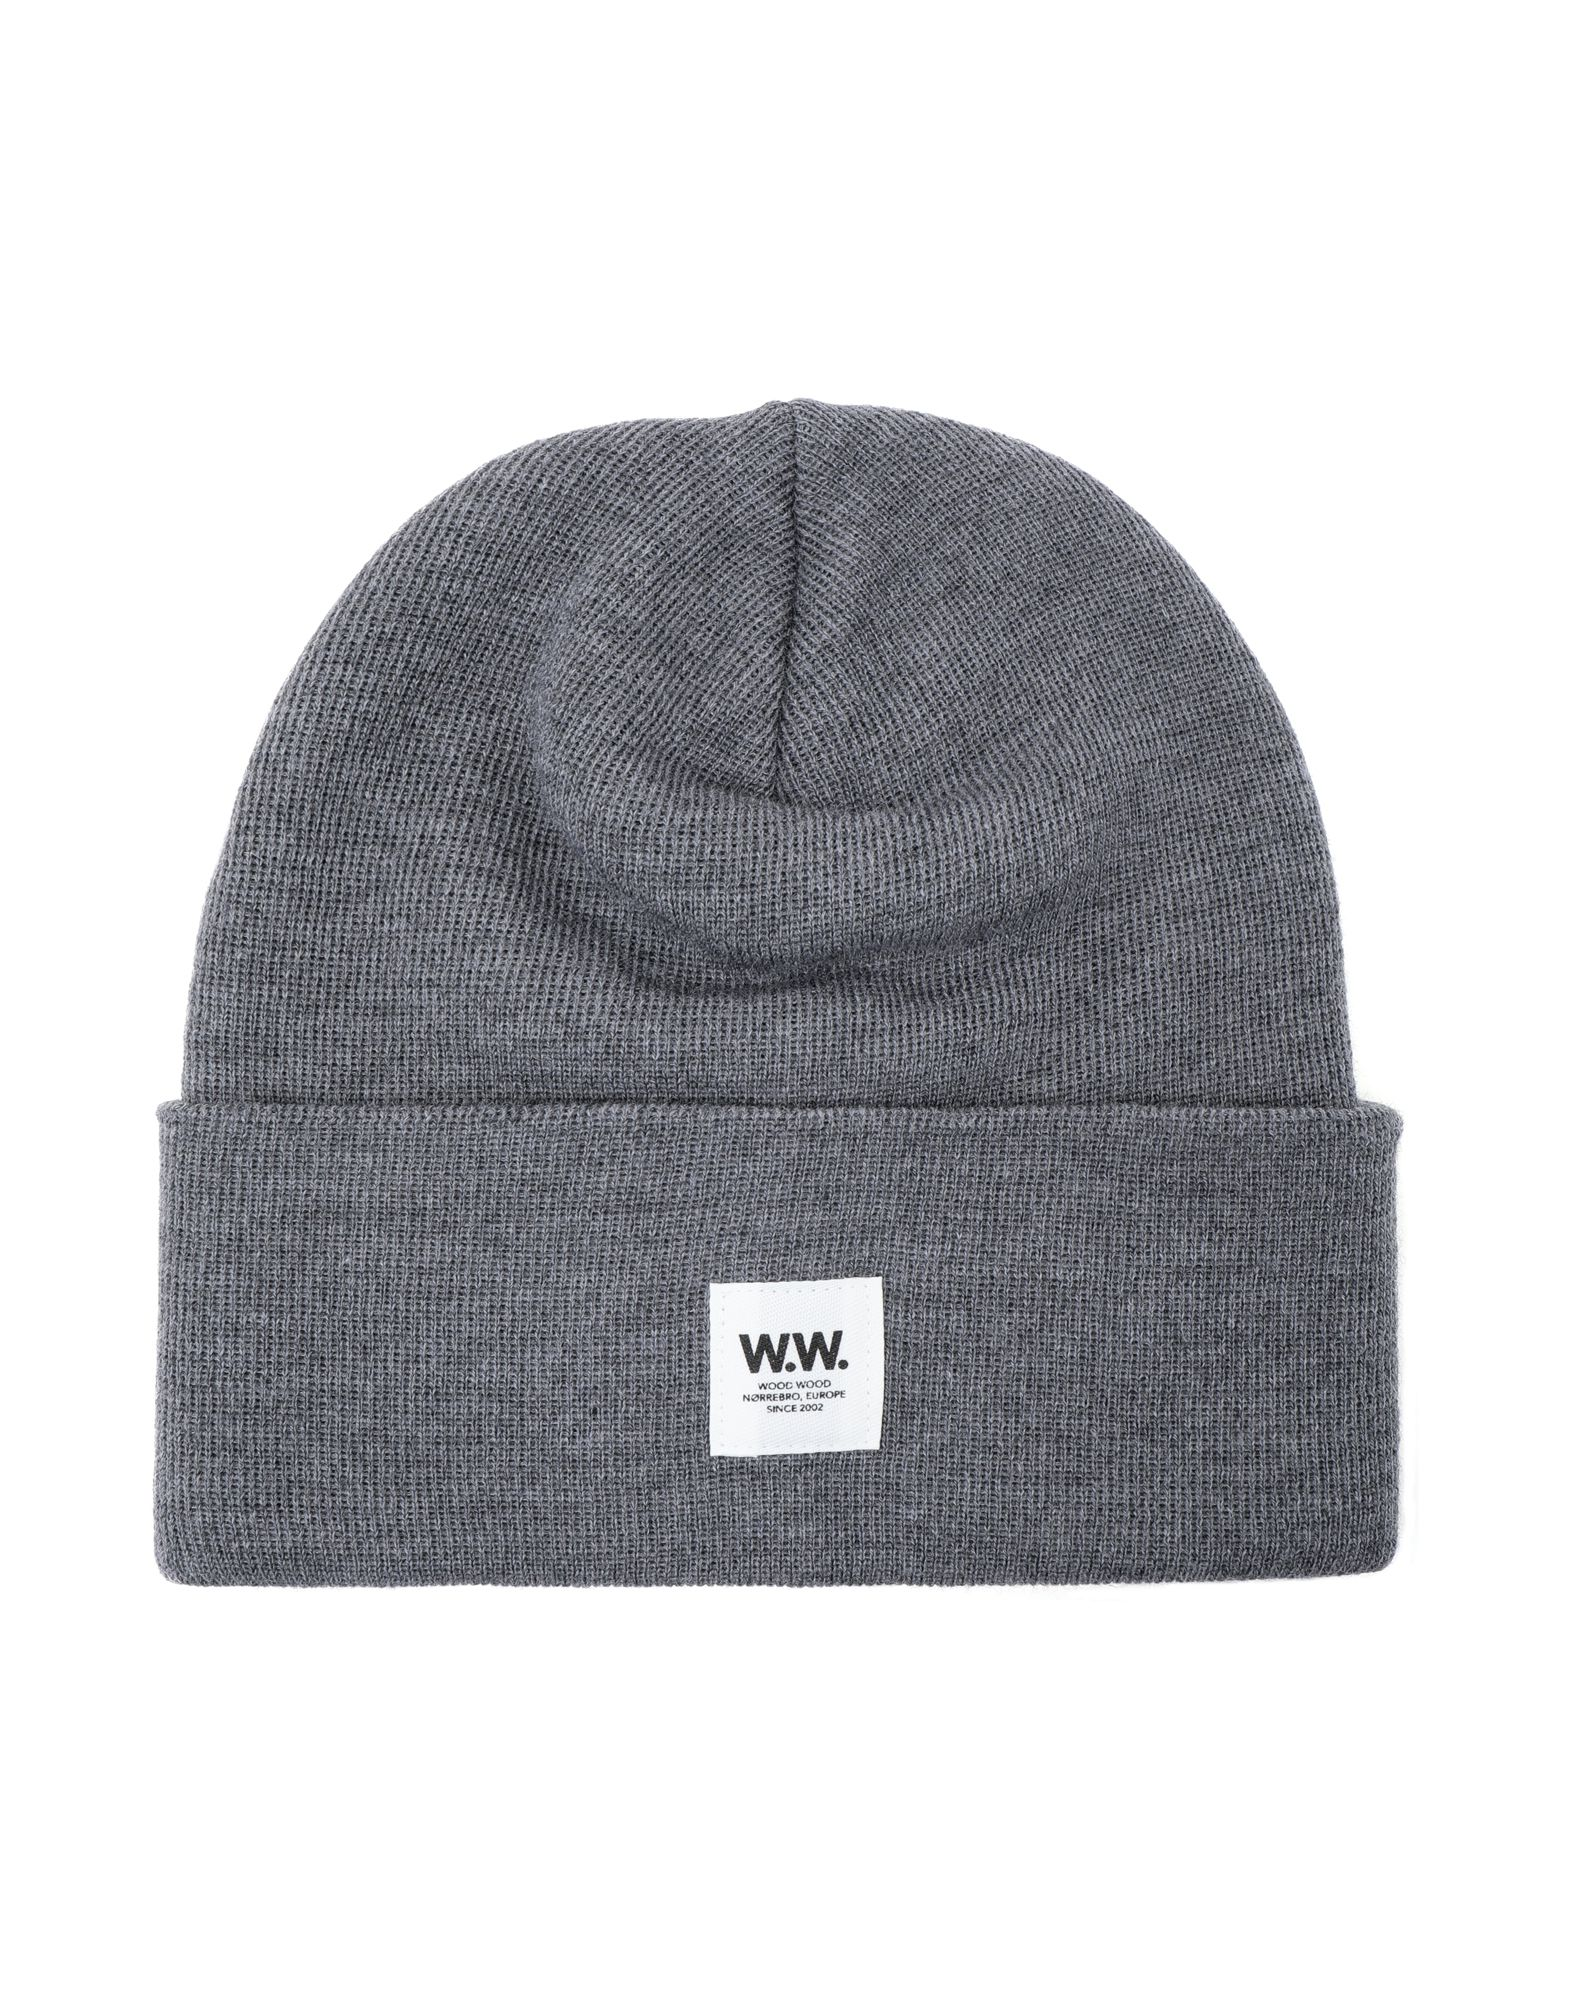 《送料無料》WOOD WOOD メンズ 帽子 鉛色 one size ウール 100% Gerald tall beanie